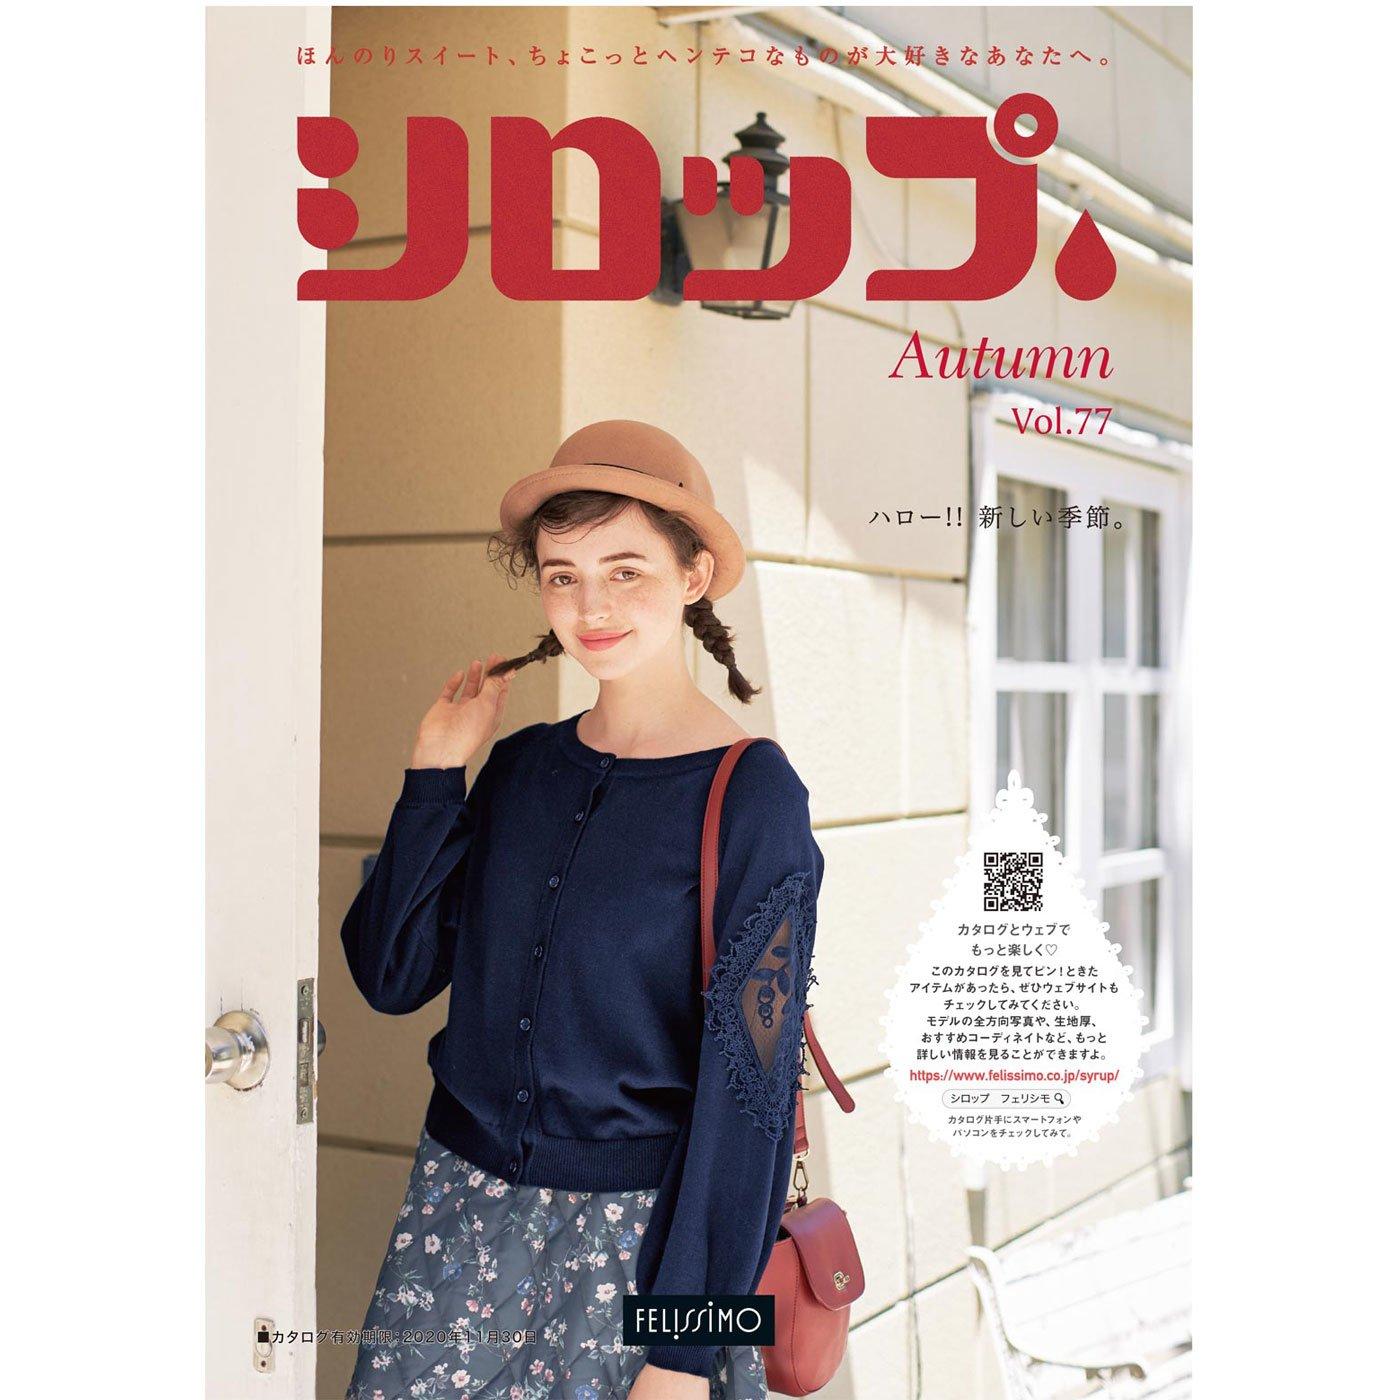 シロップ.Vol. 77 秋号